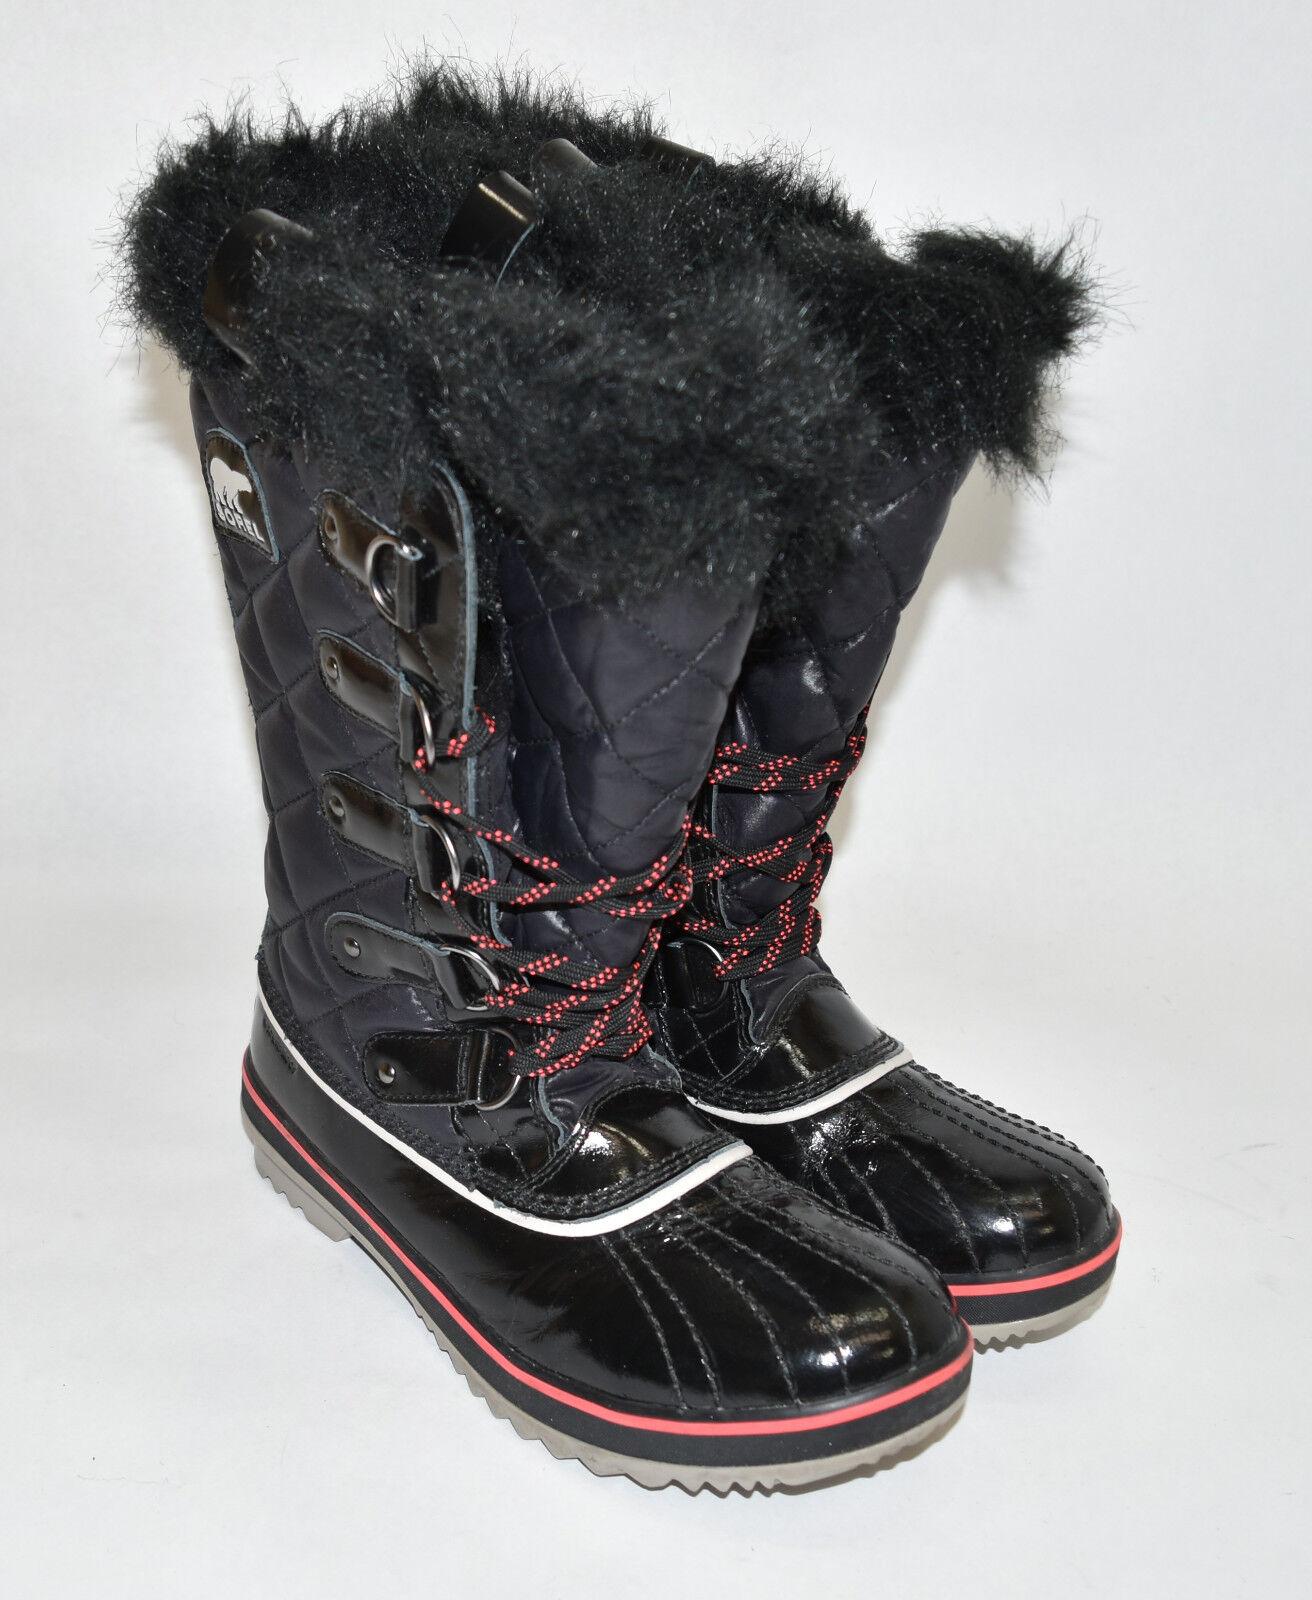 prezzi bassi di tutti i giorni Sorel Sorel Sorel Tofino Cate NL2191-010 donna  8.5 nero Lifestyle Waterproof Winter stivali  nuovi prodotti novità